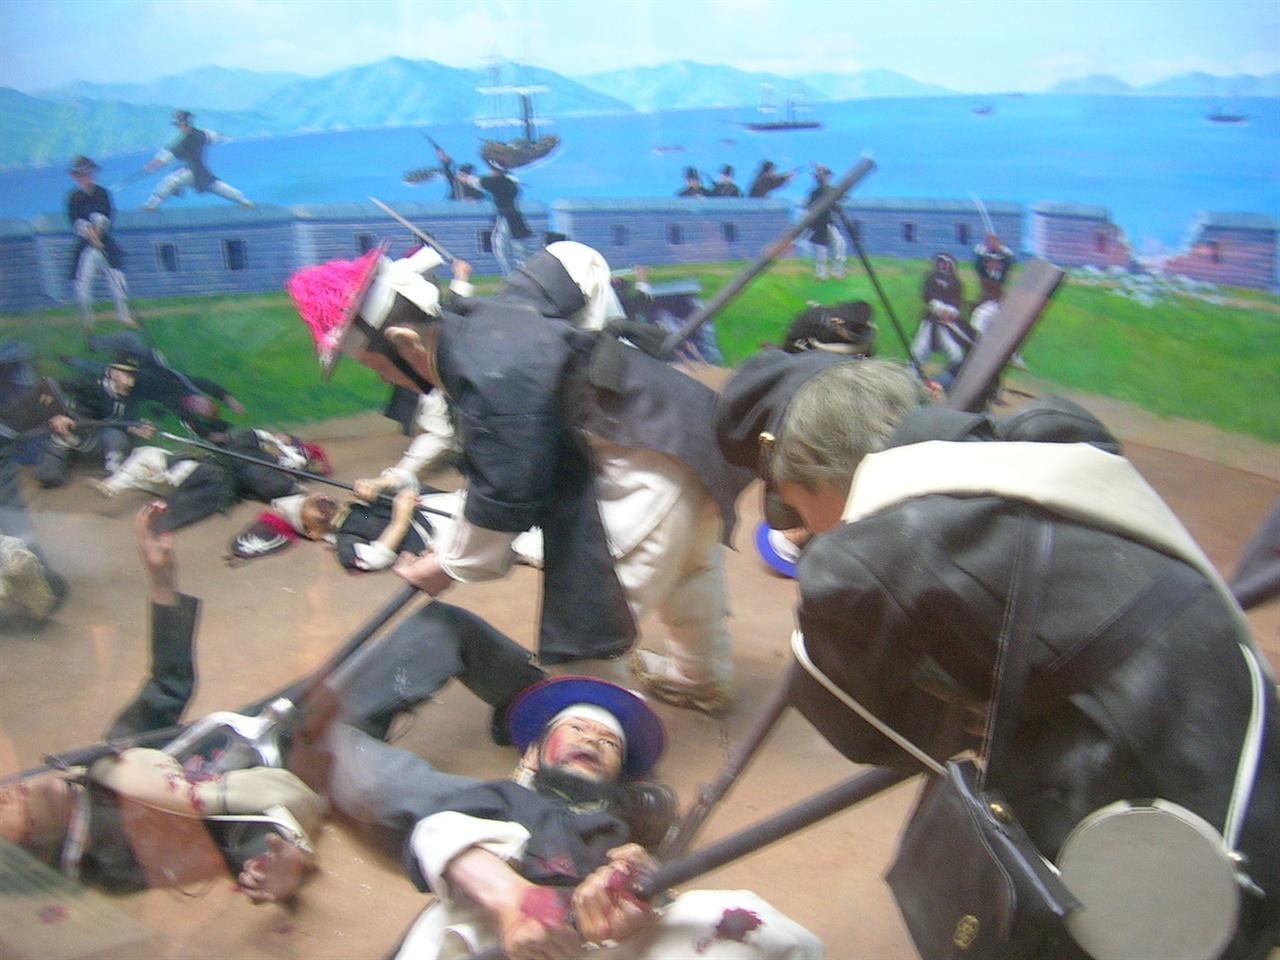 광성보에서 벌어진 전투. 강화역사관에서 찍은 사진.